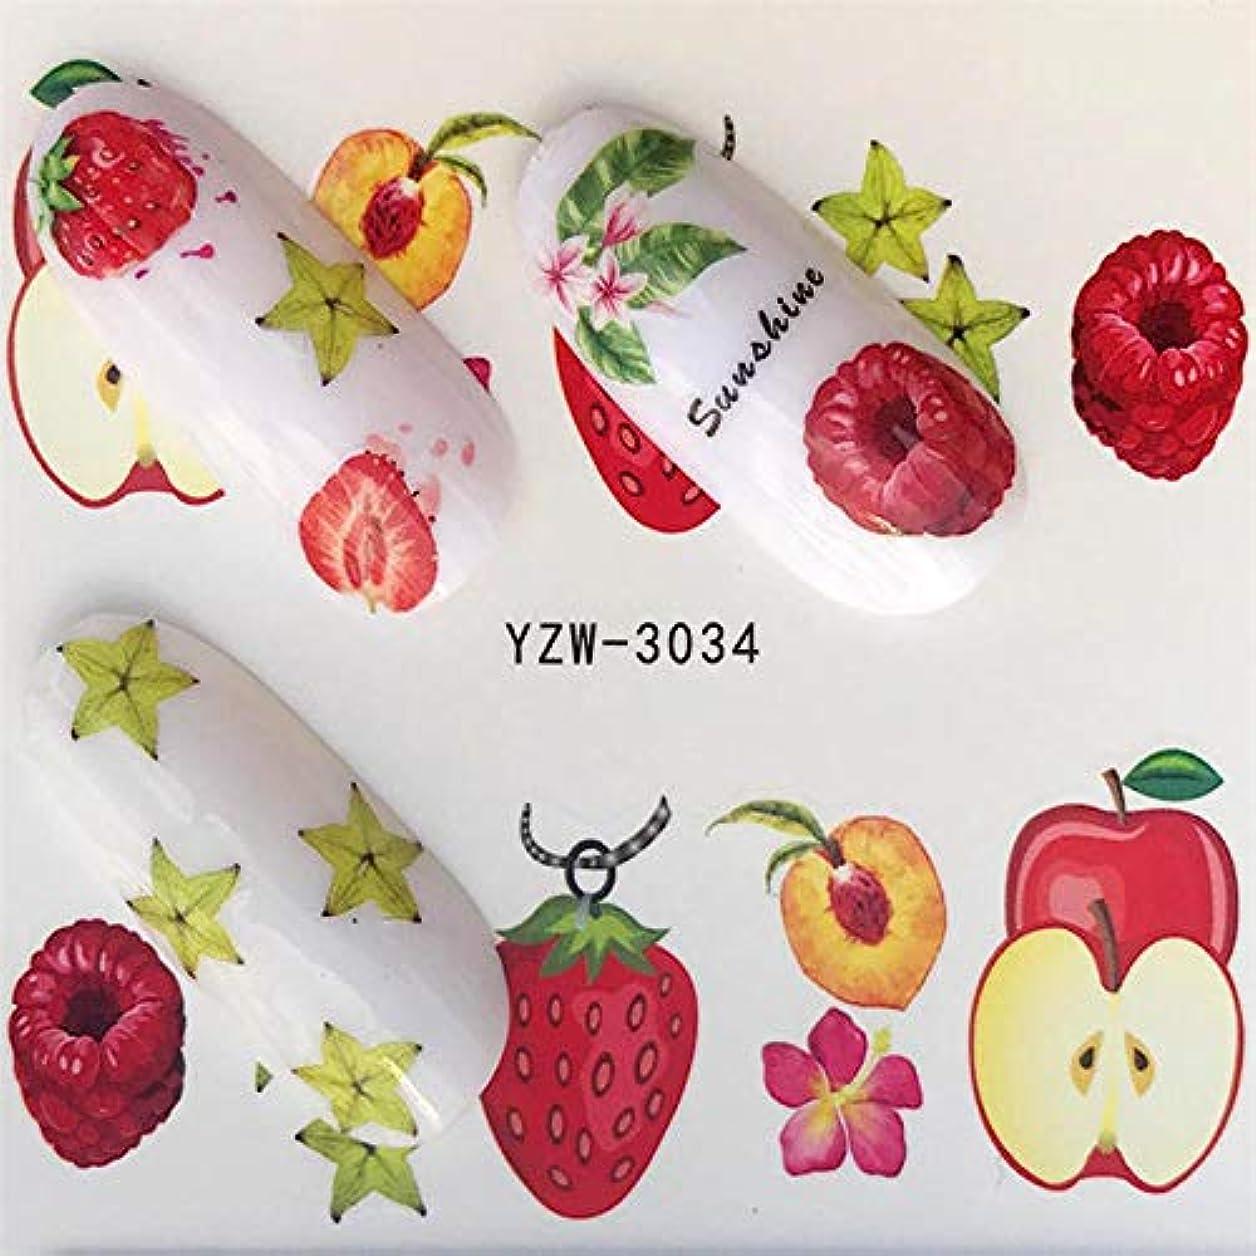 序文つまずく仕事に行くSUKTI&XIAO ネイルステッカー 1シートの花水デカール赤紫ピンク黒マニキュアネイルアート転送ステッカー、Yzw-3034